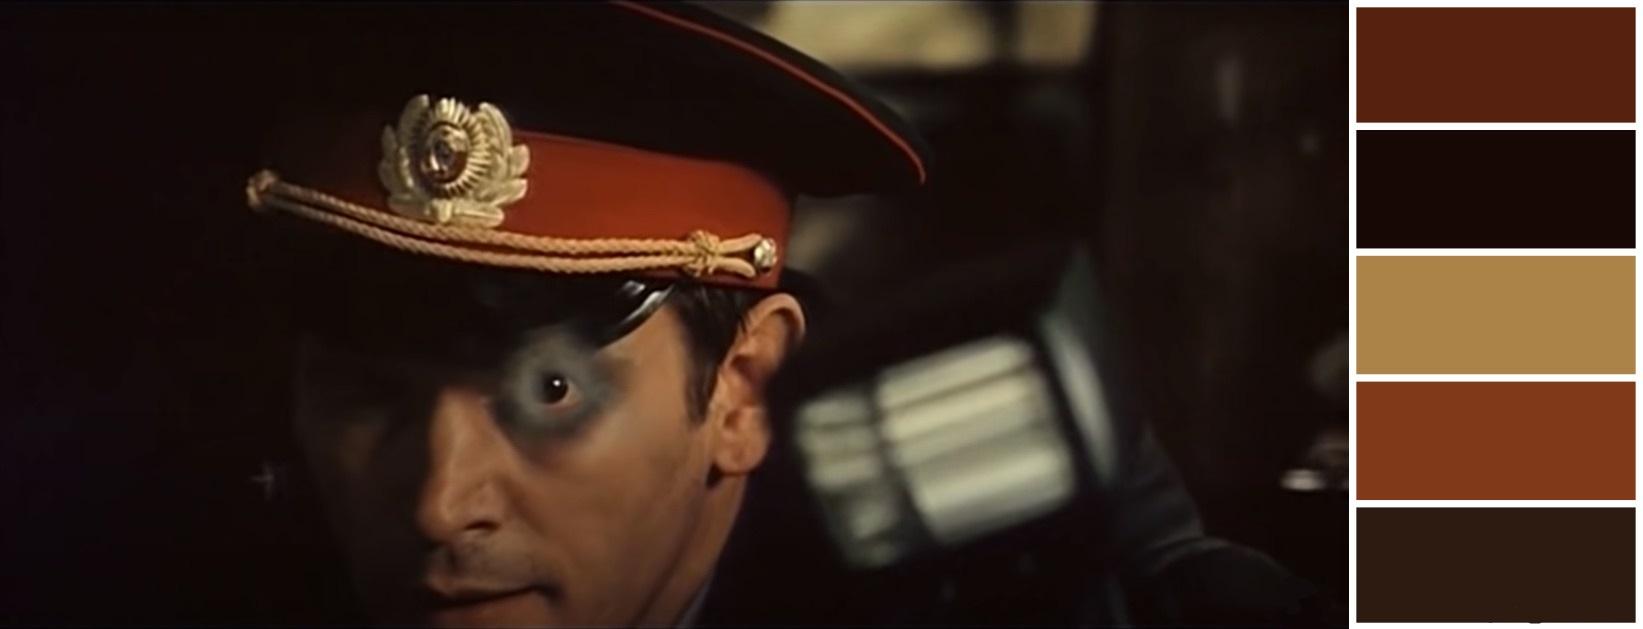 «Криминальная» палитра, в которой стилистически выдержан весь фильм